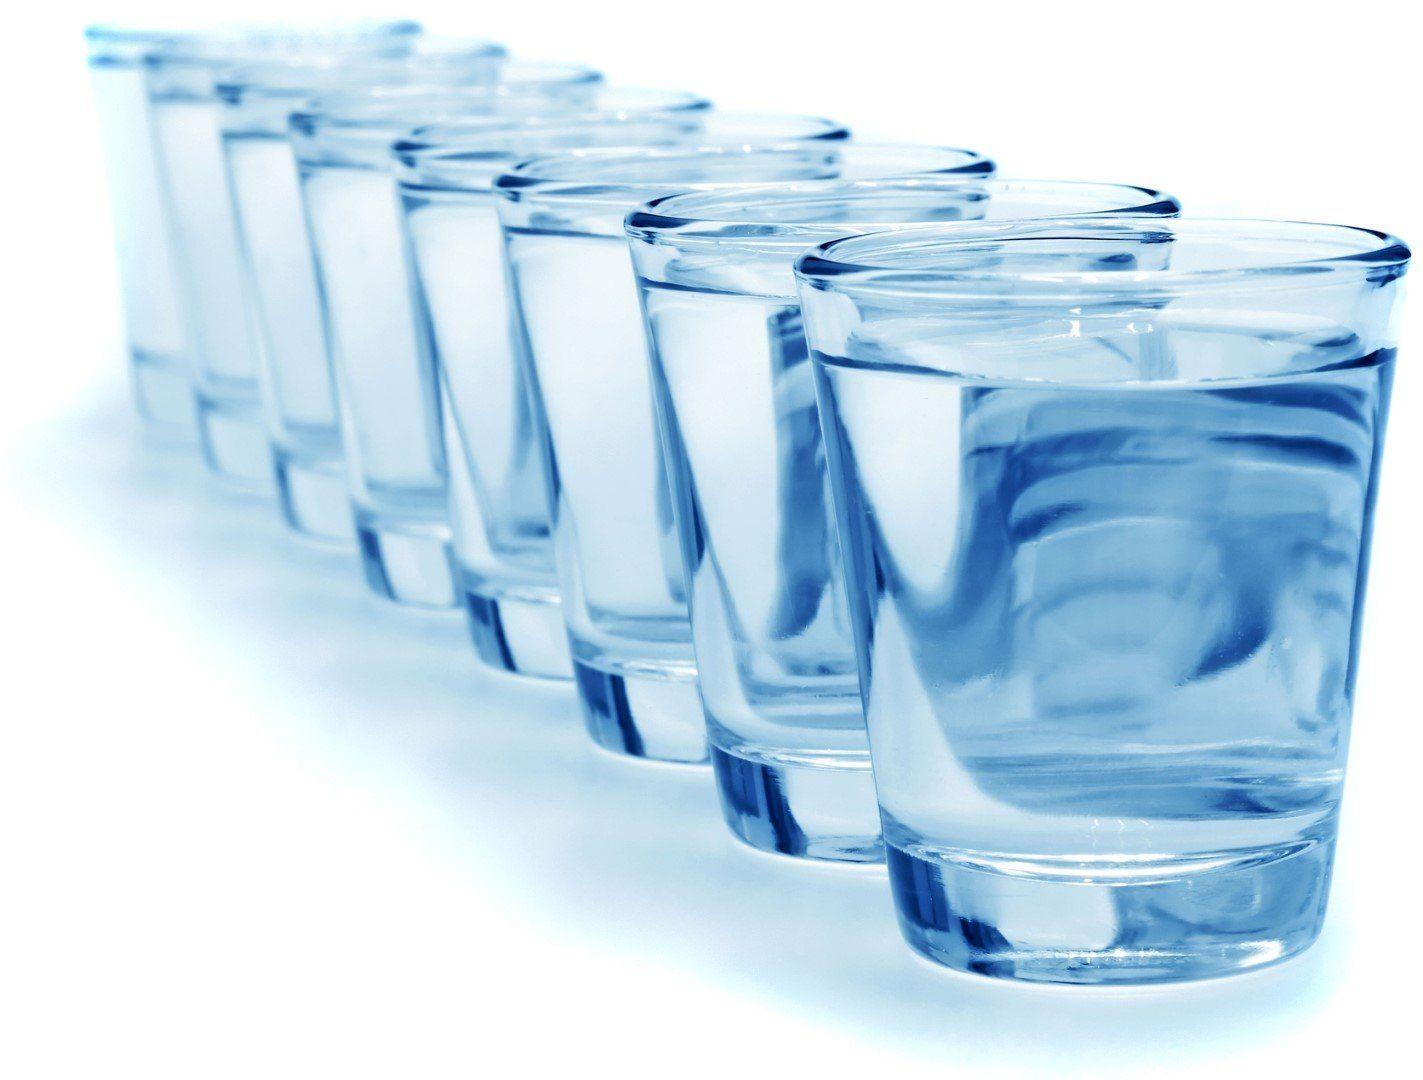 8 стаканов с питьевой водой